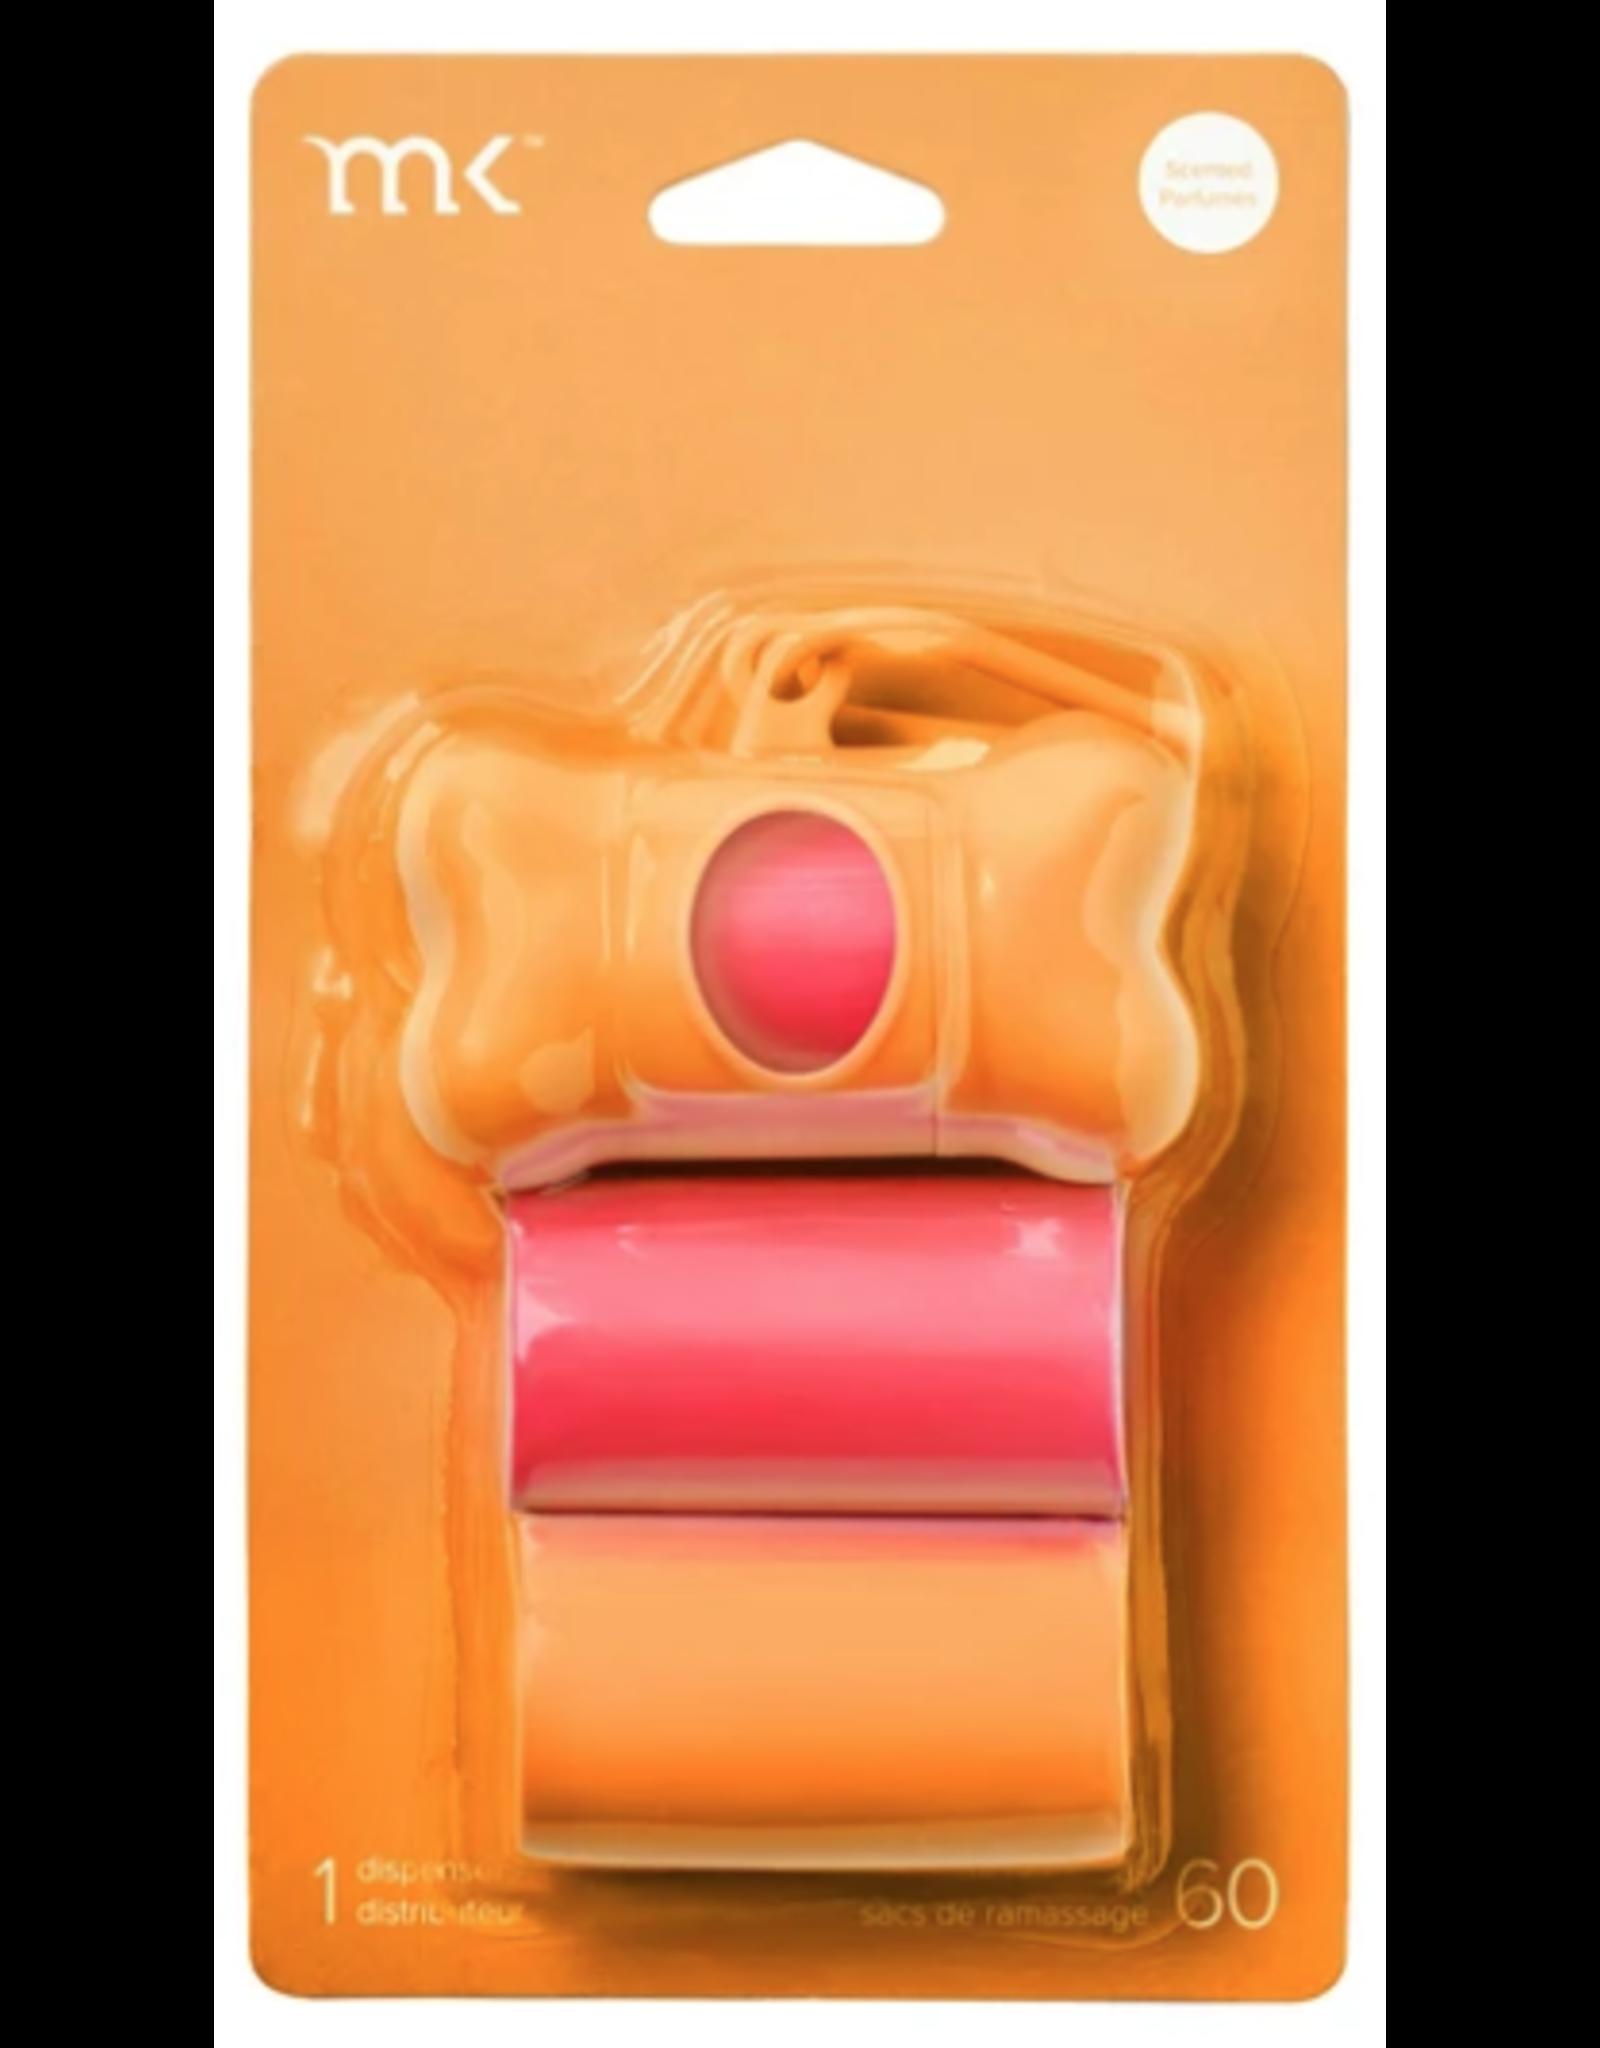 Modern Kanine MK Dispenser w/ Waste Bags